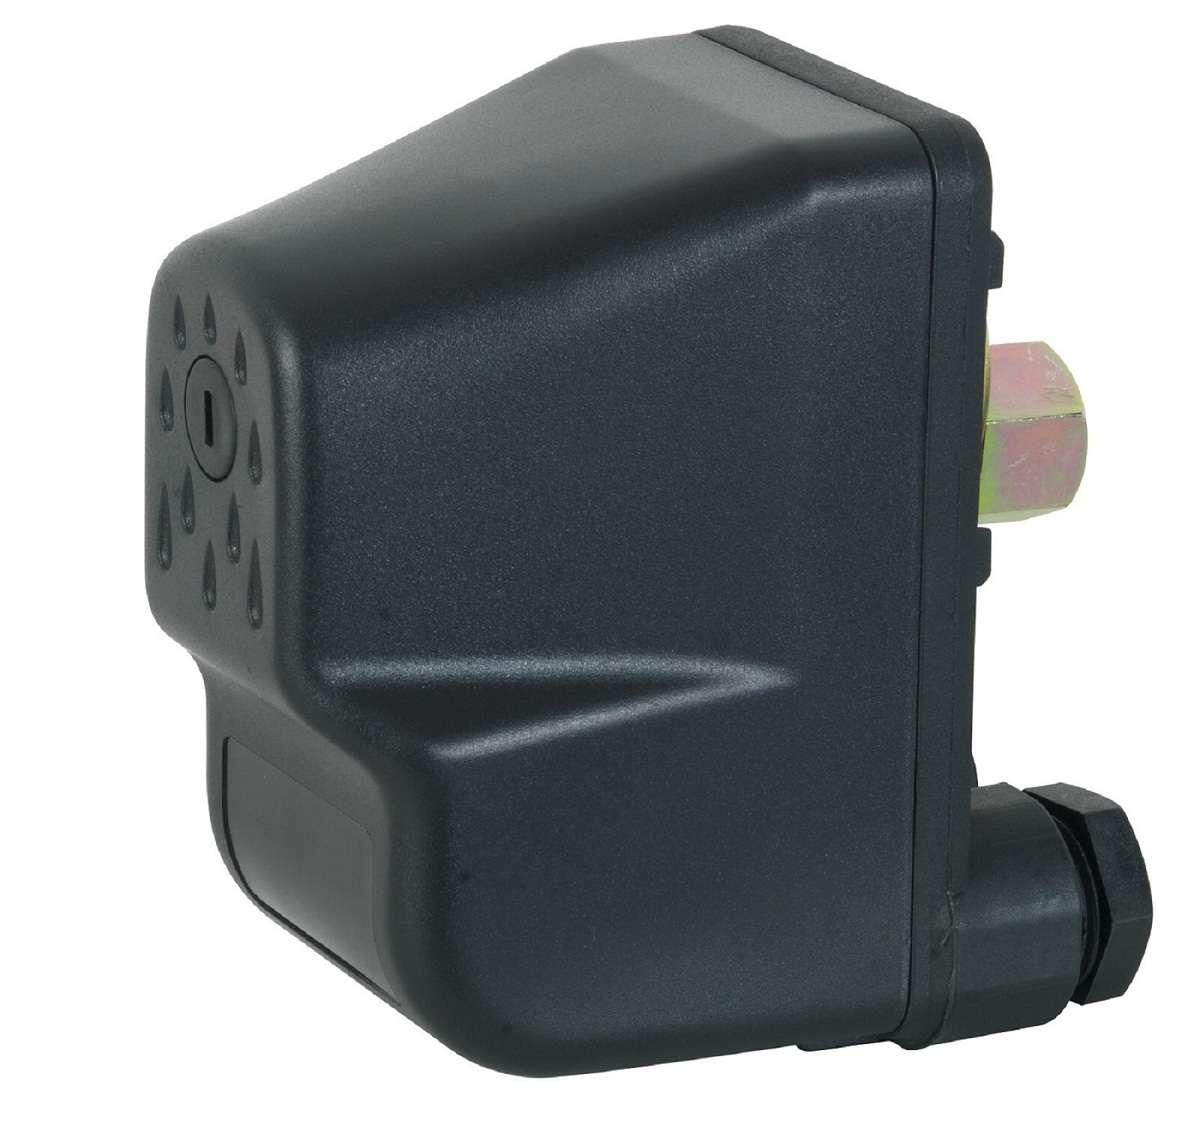 pressostat monophas 110v 220v 10 a 6 bars pompe eau contacteur surpresseur ebay. Black Bedroom Furniture Sets. Home Design Ideas